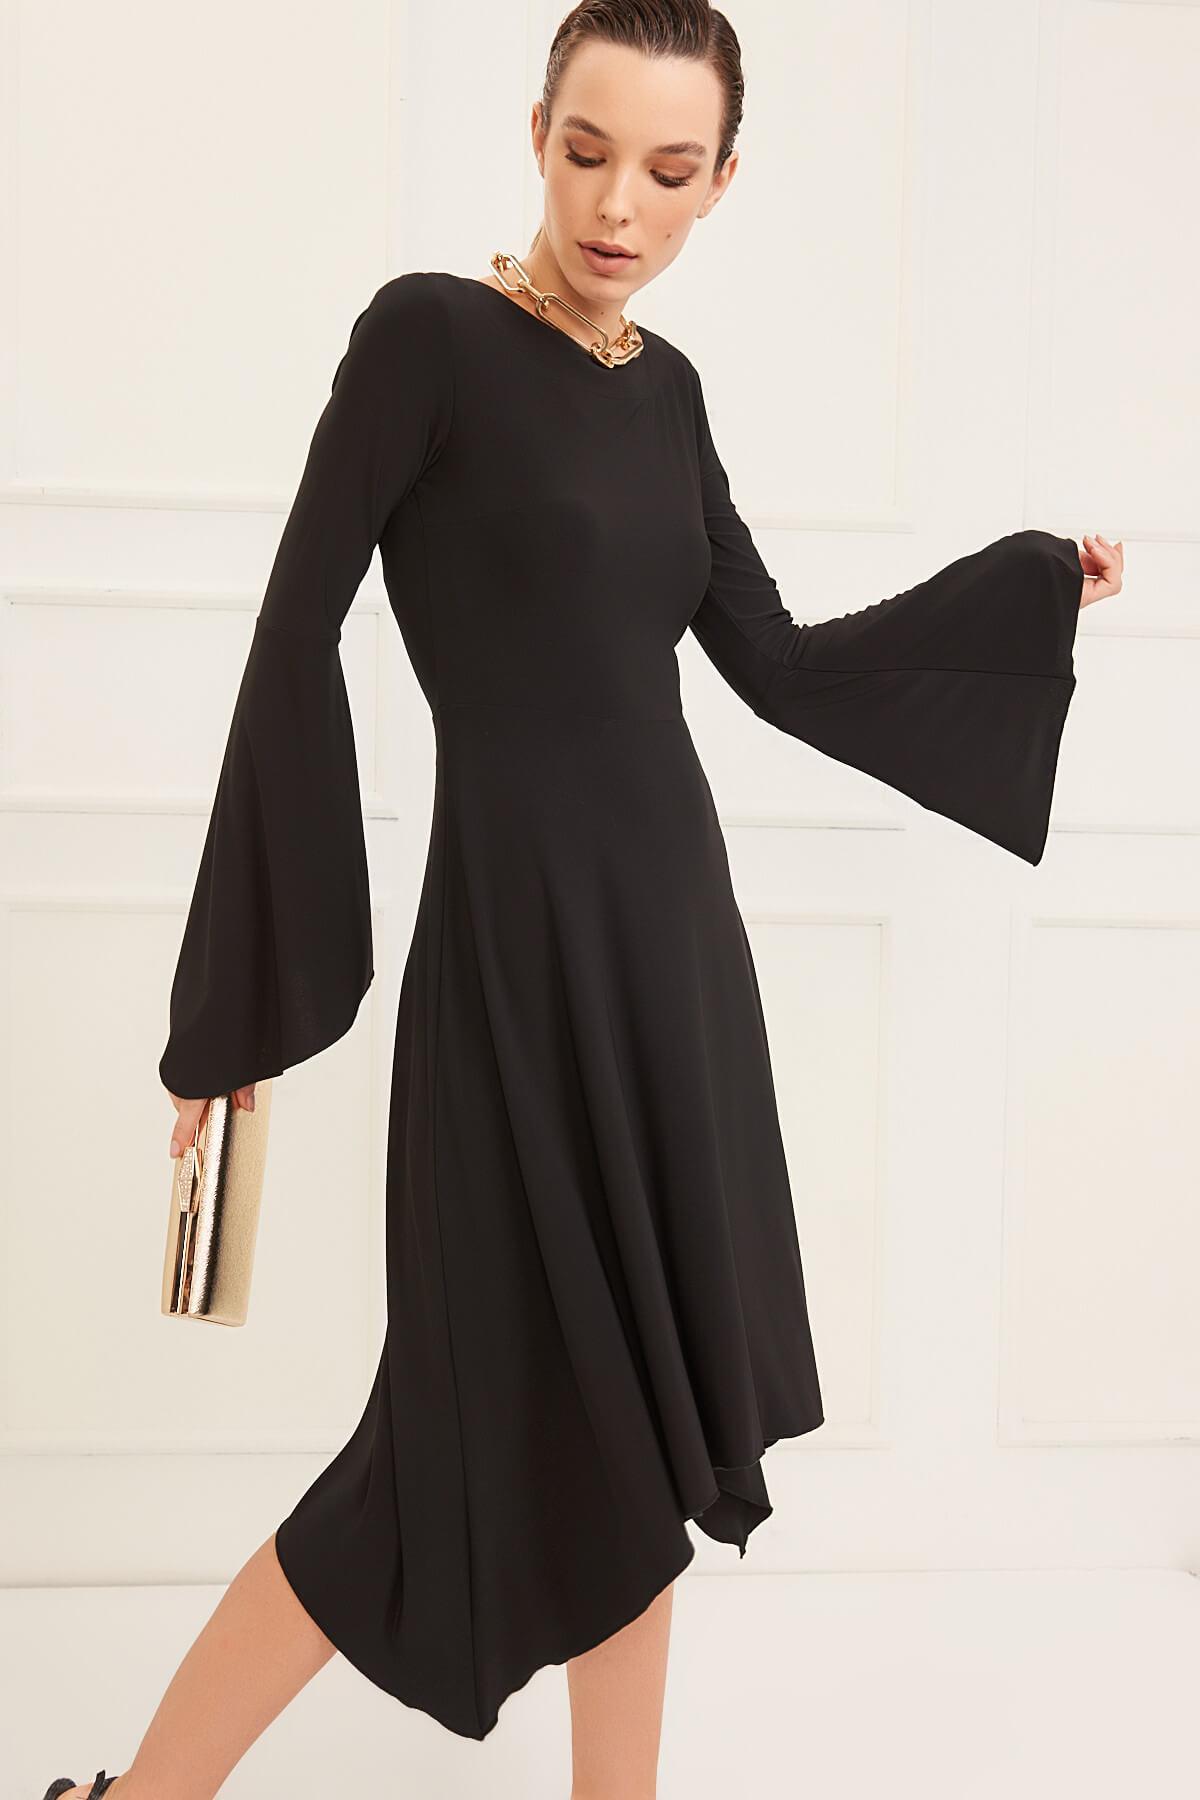 Laranor Kadın Siyah Asimetrik Kesim Elbise 19L6477 2